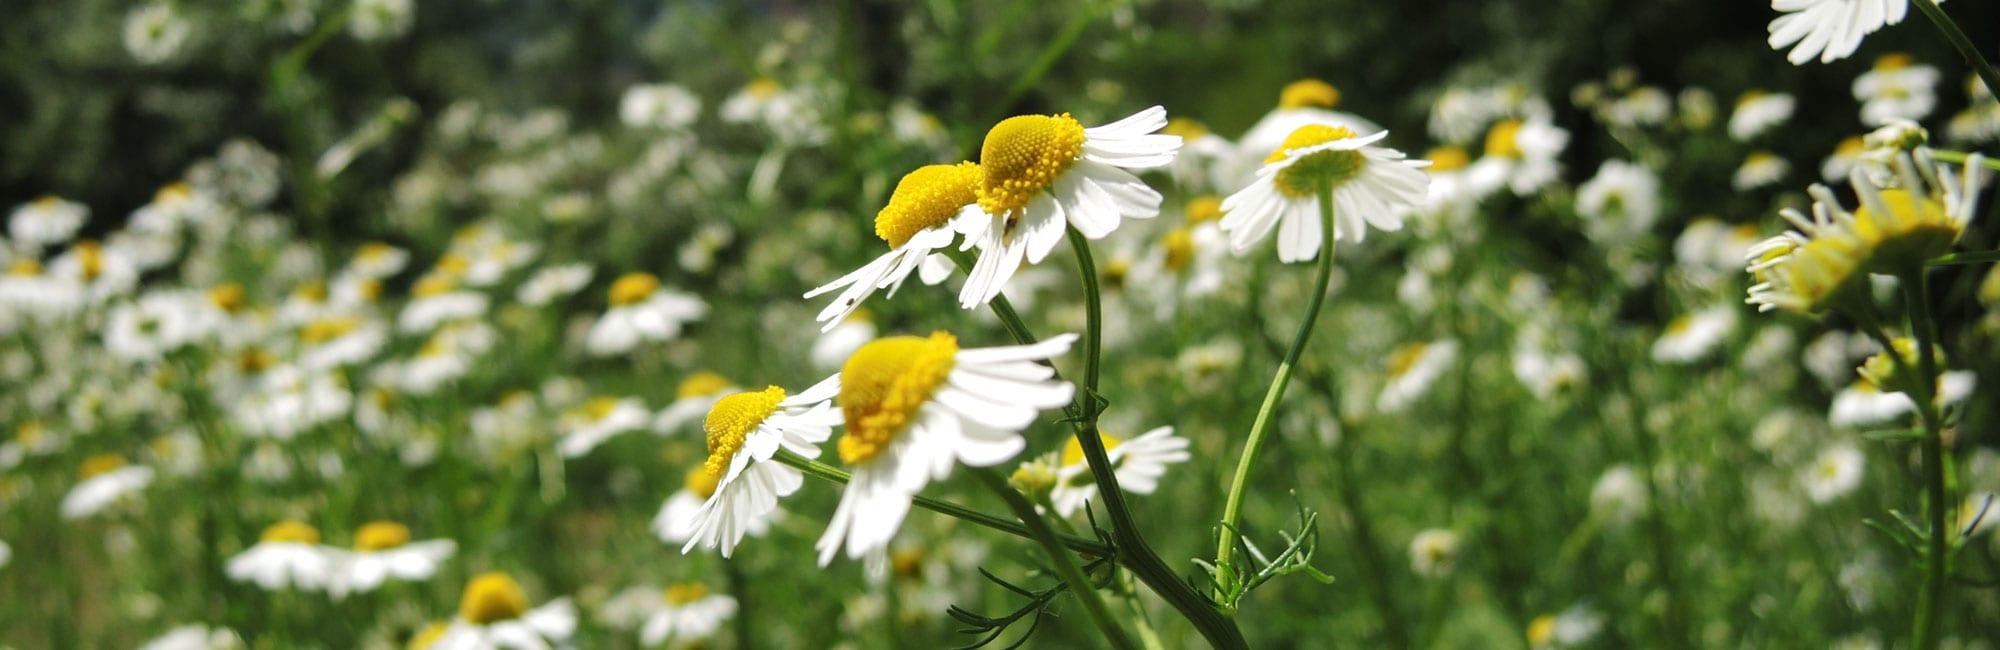 02-Blumen-Naturheilpraxis-Margret-Madejsky-Muenchen